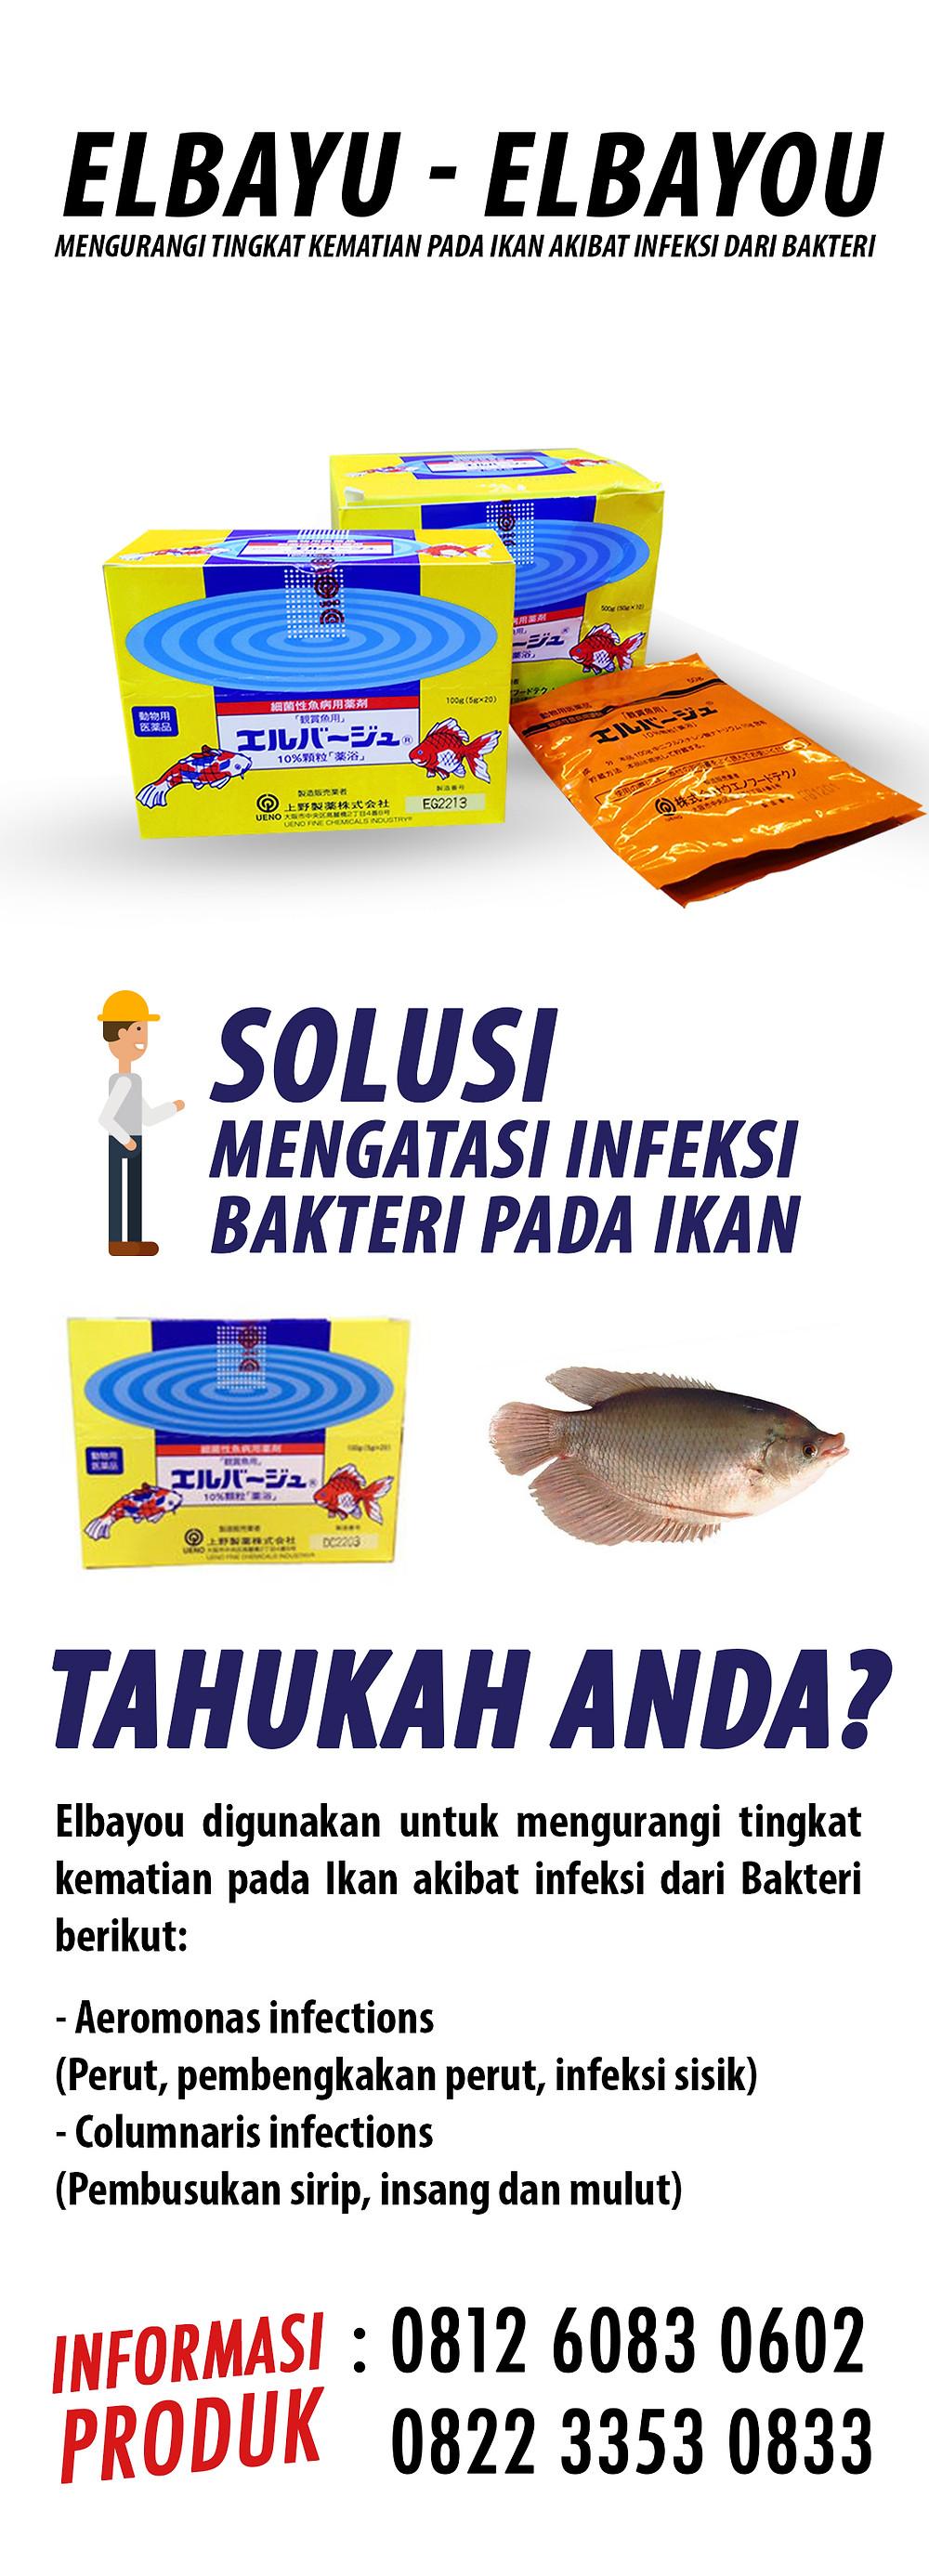 Jual obat pencegah infeksi pada ikan